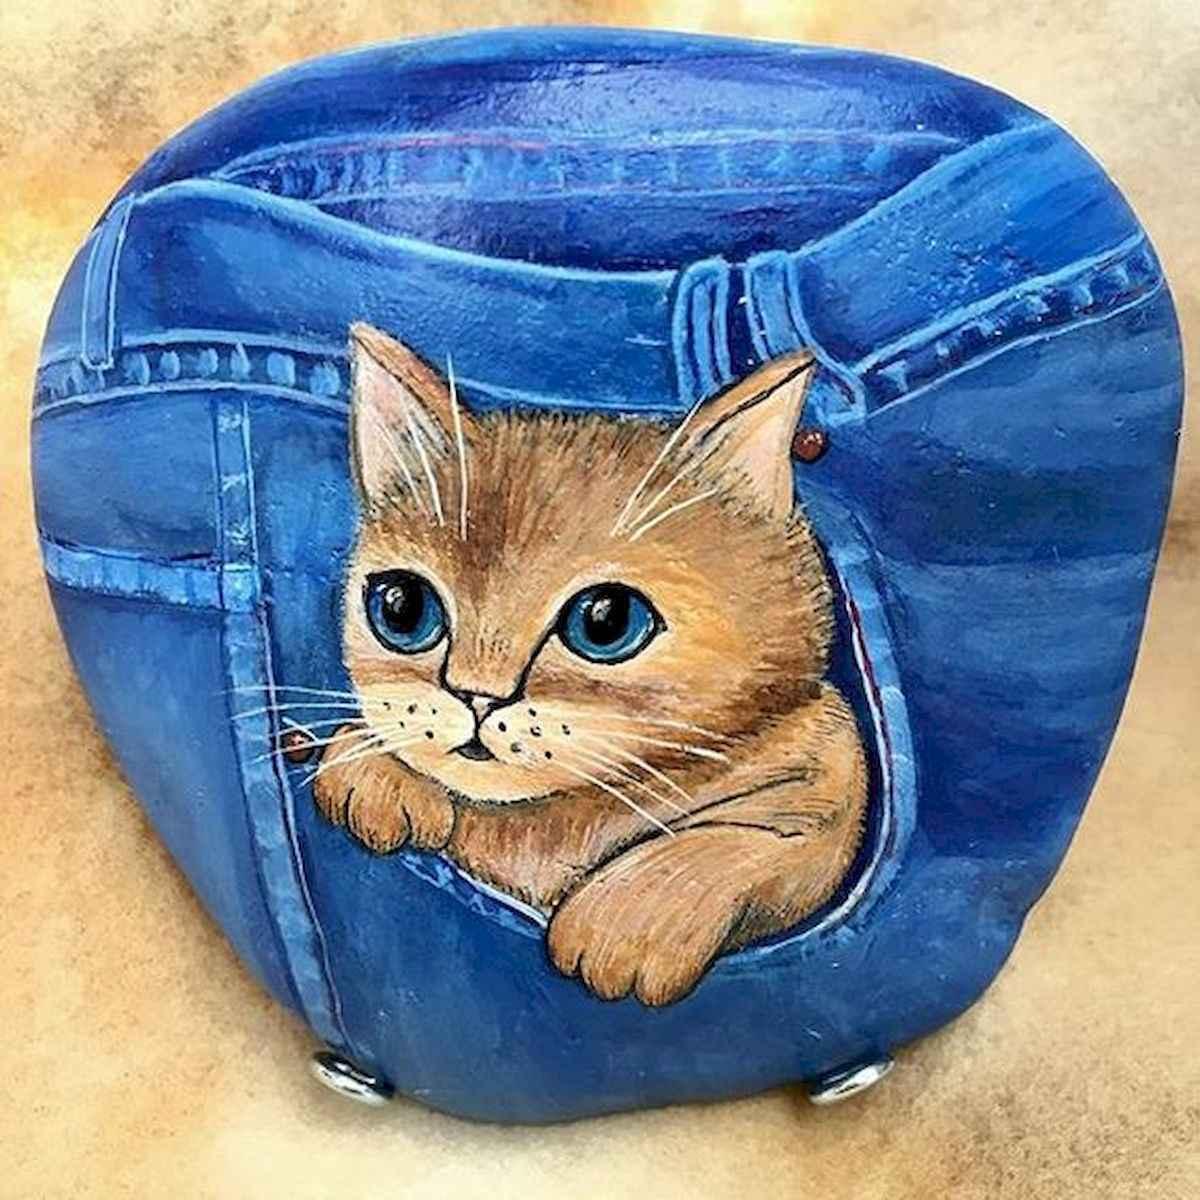 50 Inspiring DIY Painted Rocks Animals Cats for Summer Ideas (3)